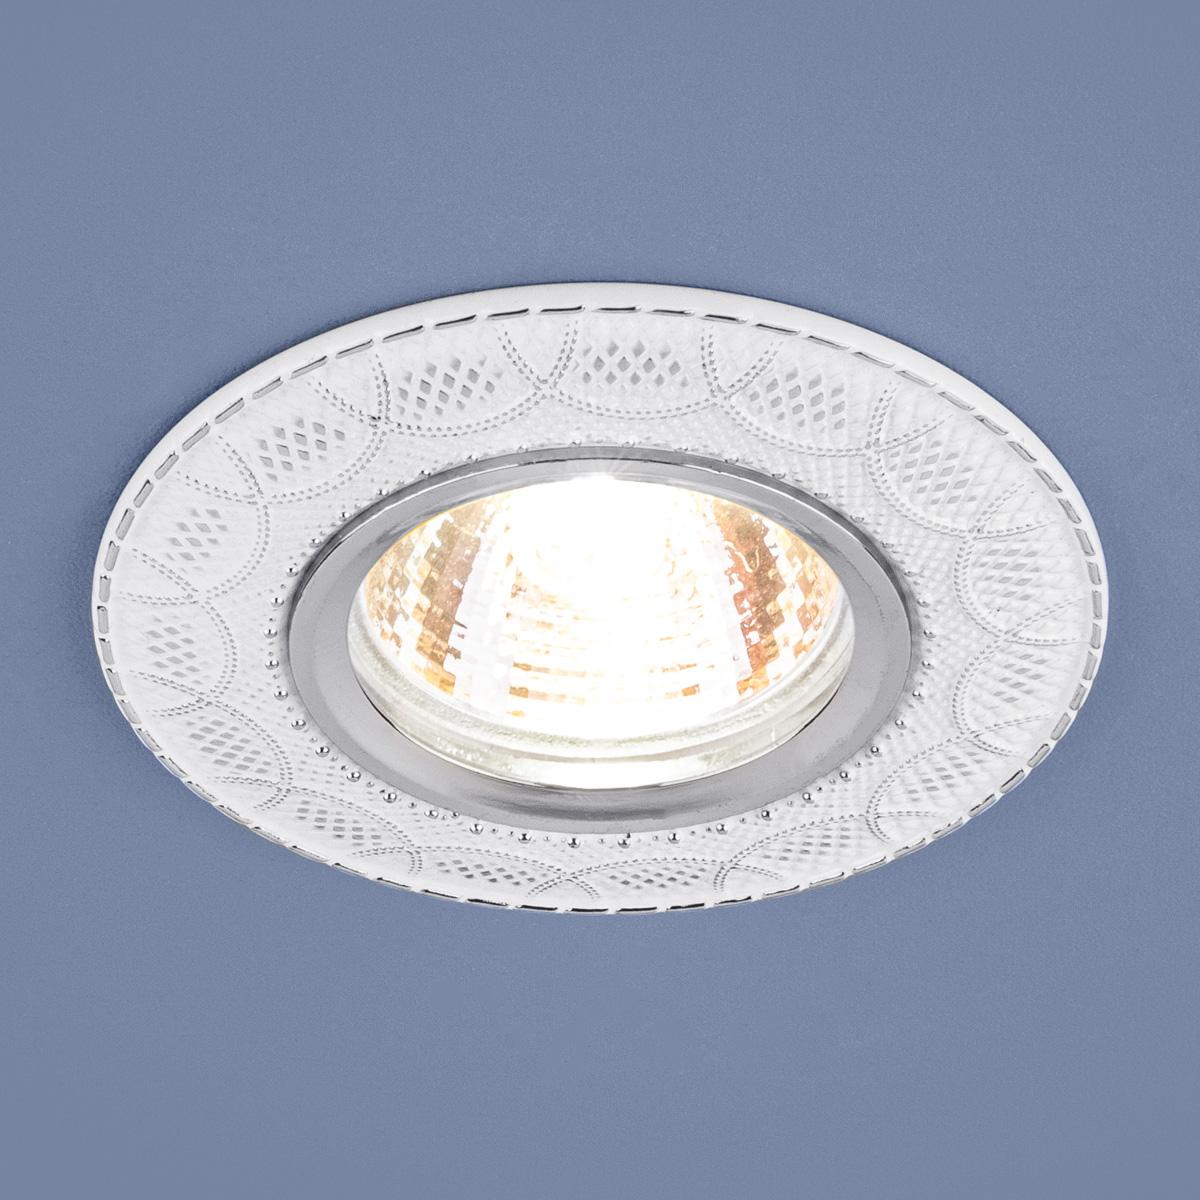 Встраиваемый светильник Elektrostandard 7010 MR16 WH/SL белый/серебро 4690389099267